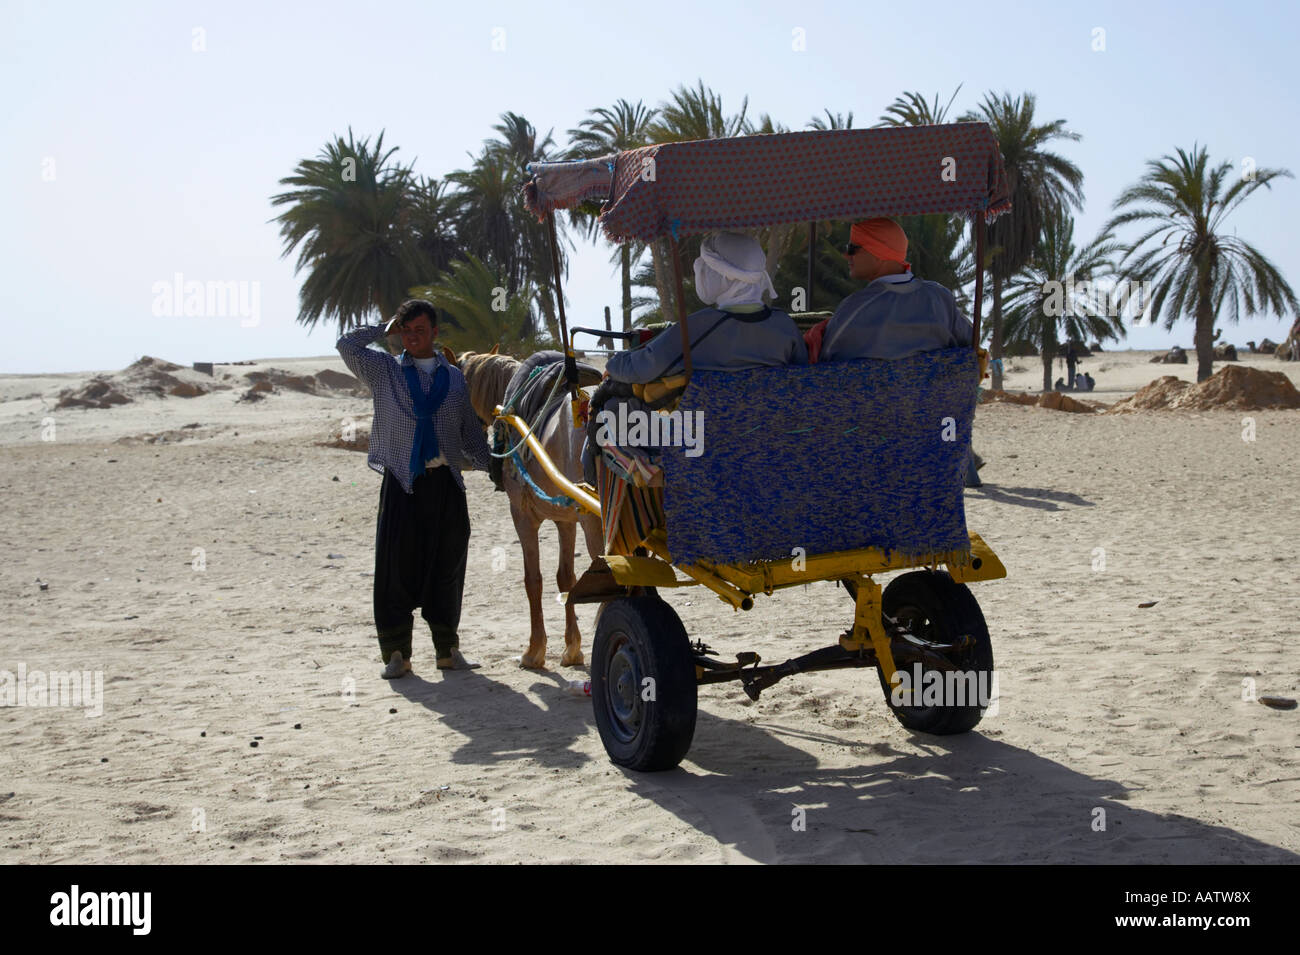 Dos turistas esperan en un carruaje tirado por caballos cerca de un oasis para un viaje al desierto del Sahara en Imagen De Stock